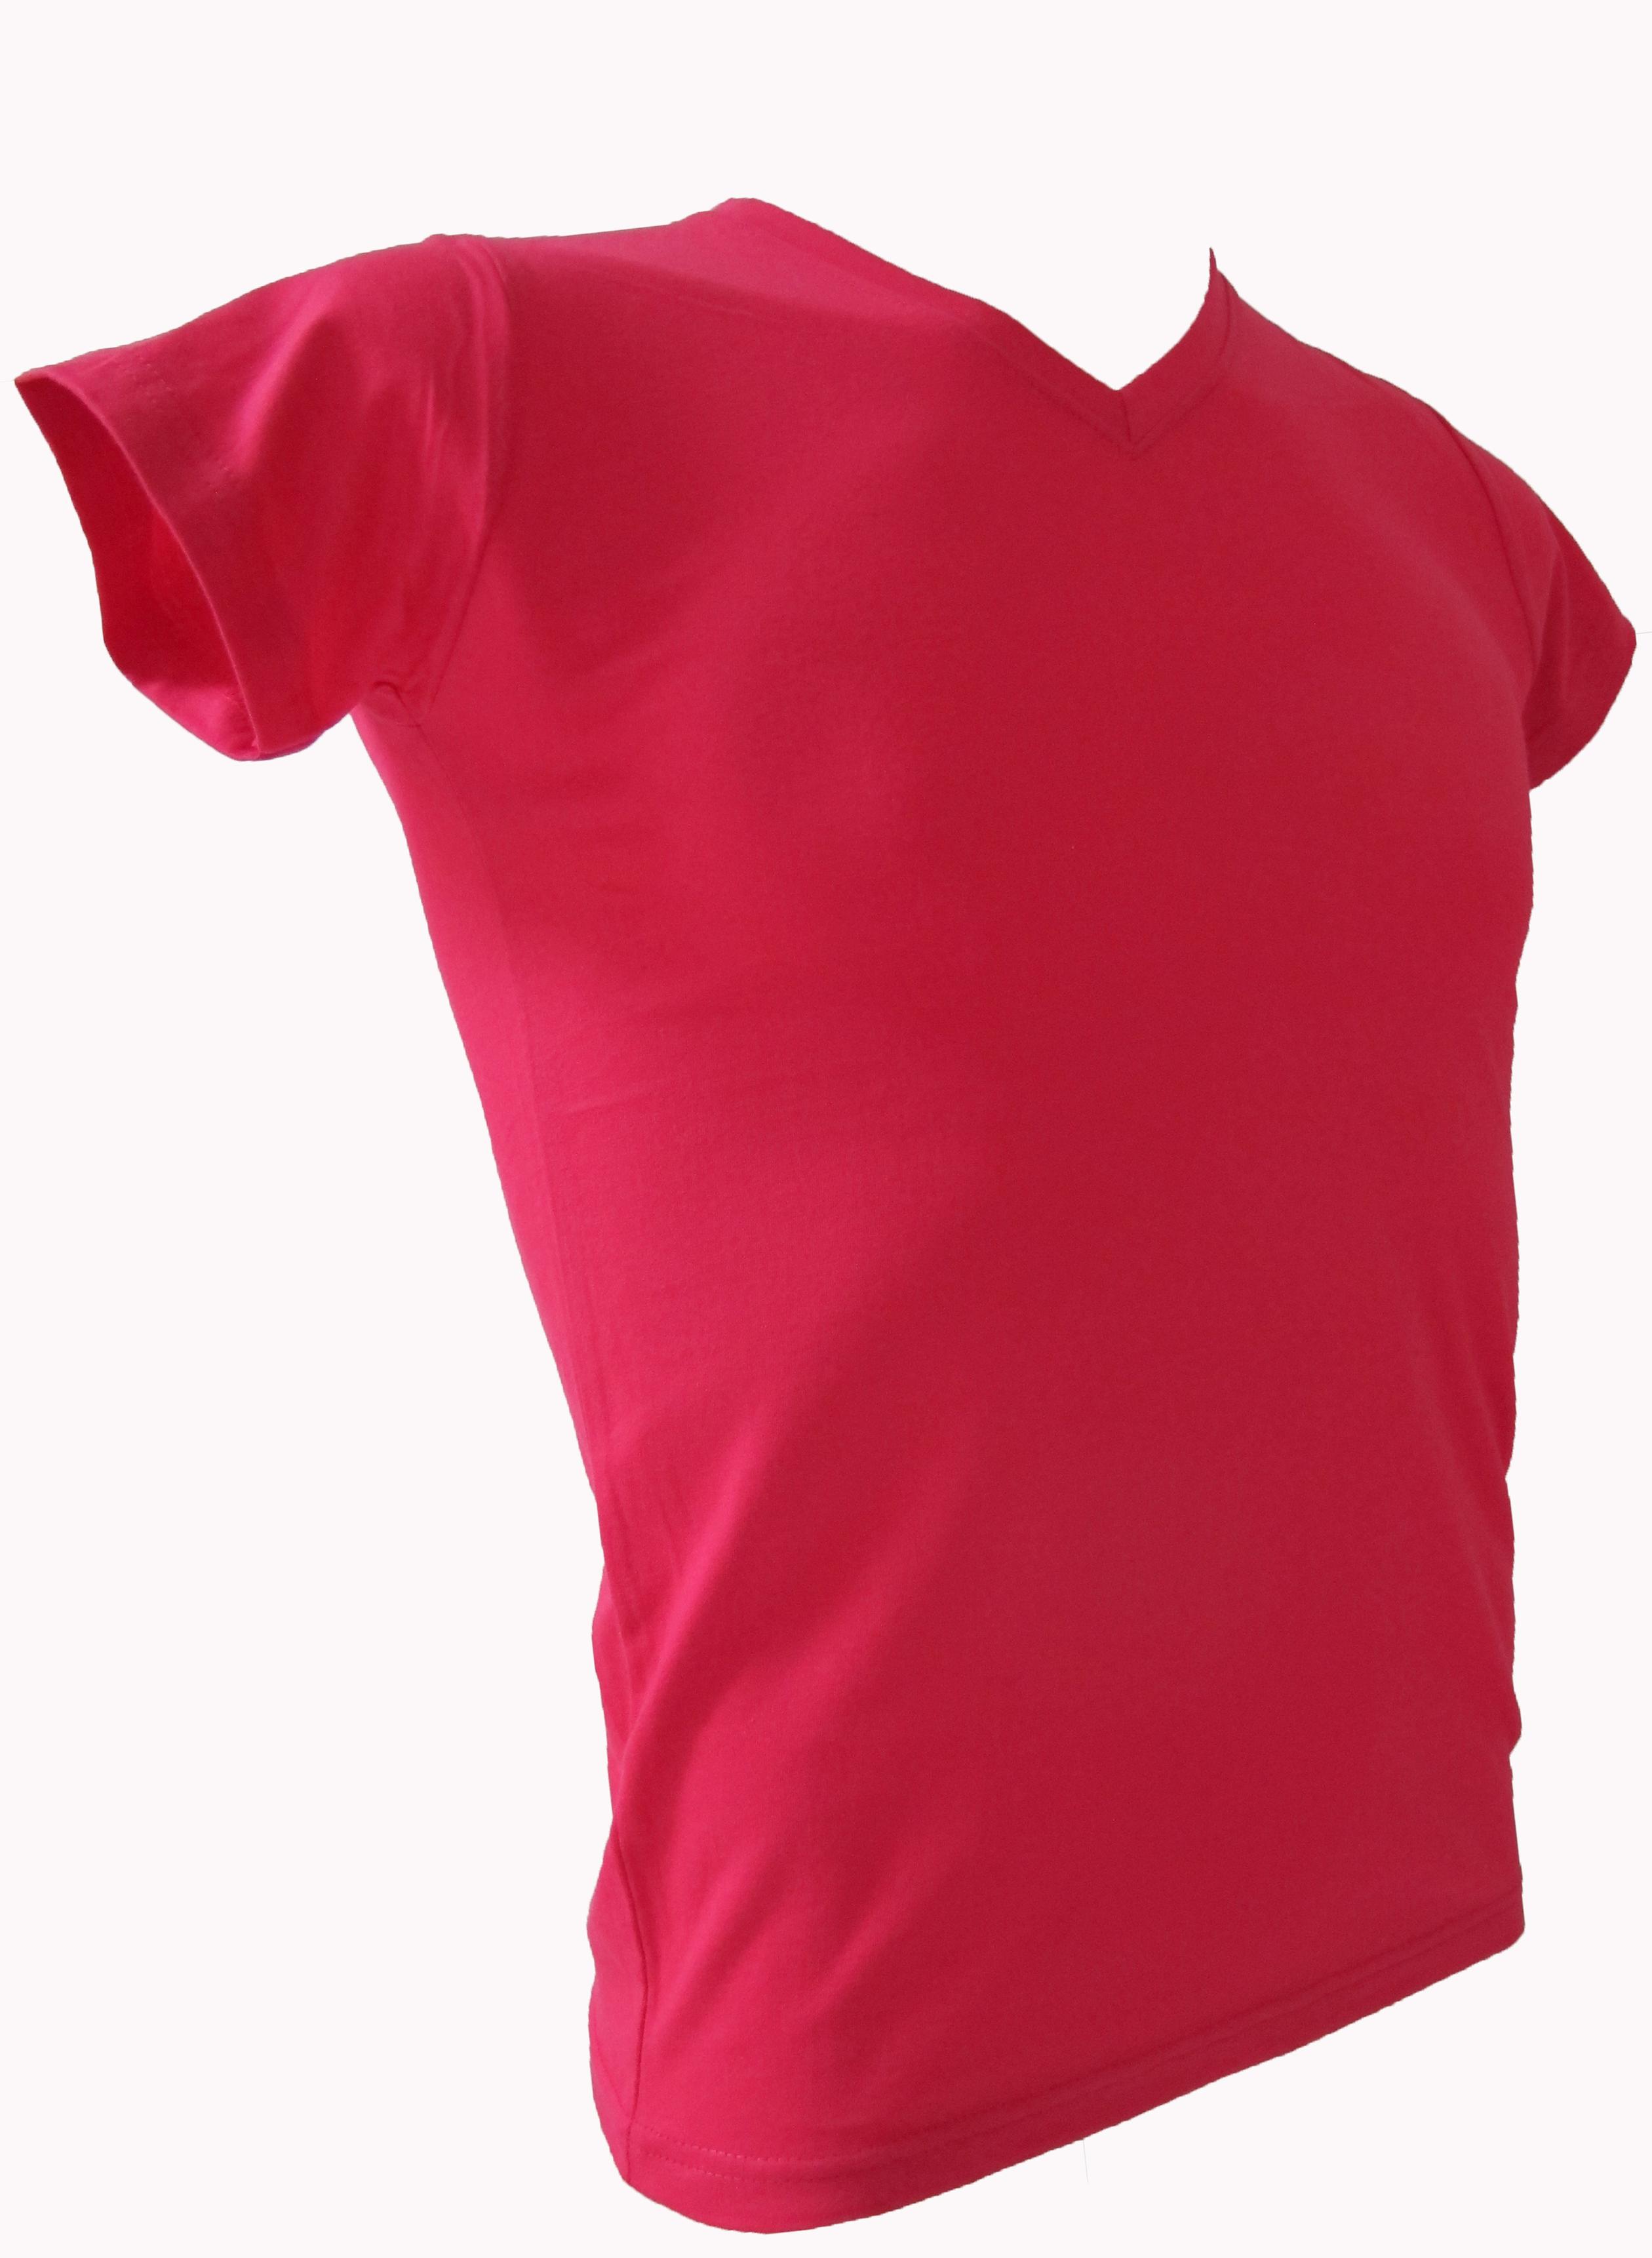 COTTON100% เบอร์32 เสื้อยืดแขนสั้น คอวี สีบานเย็น